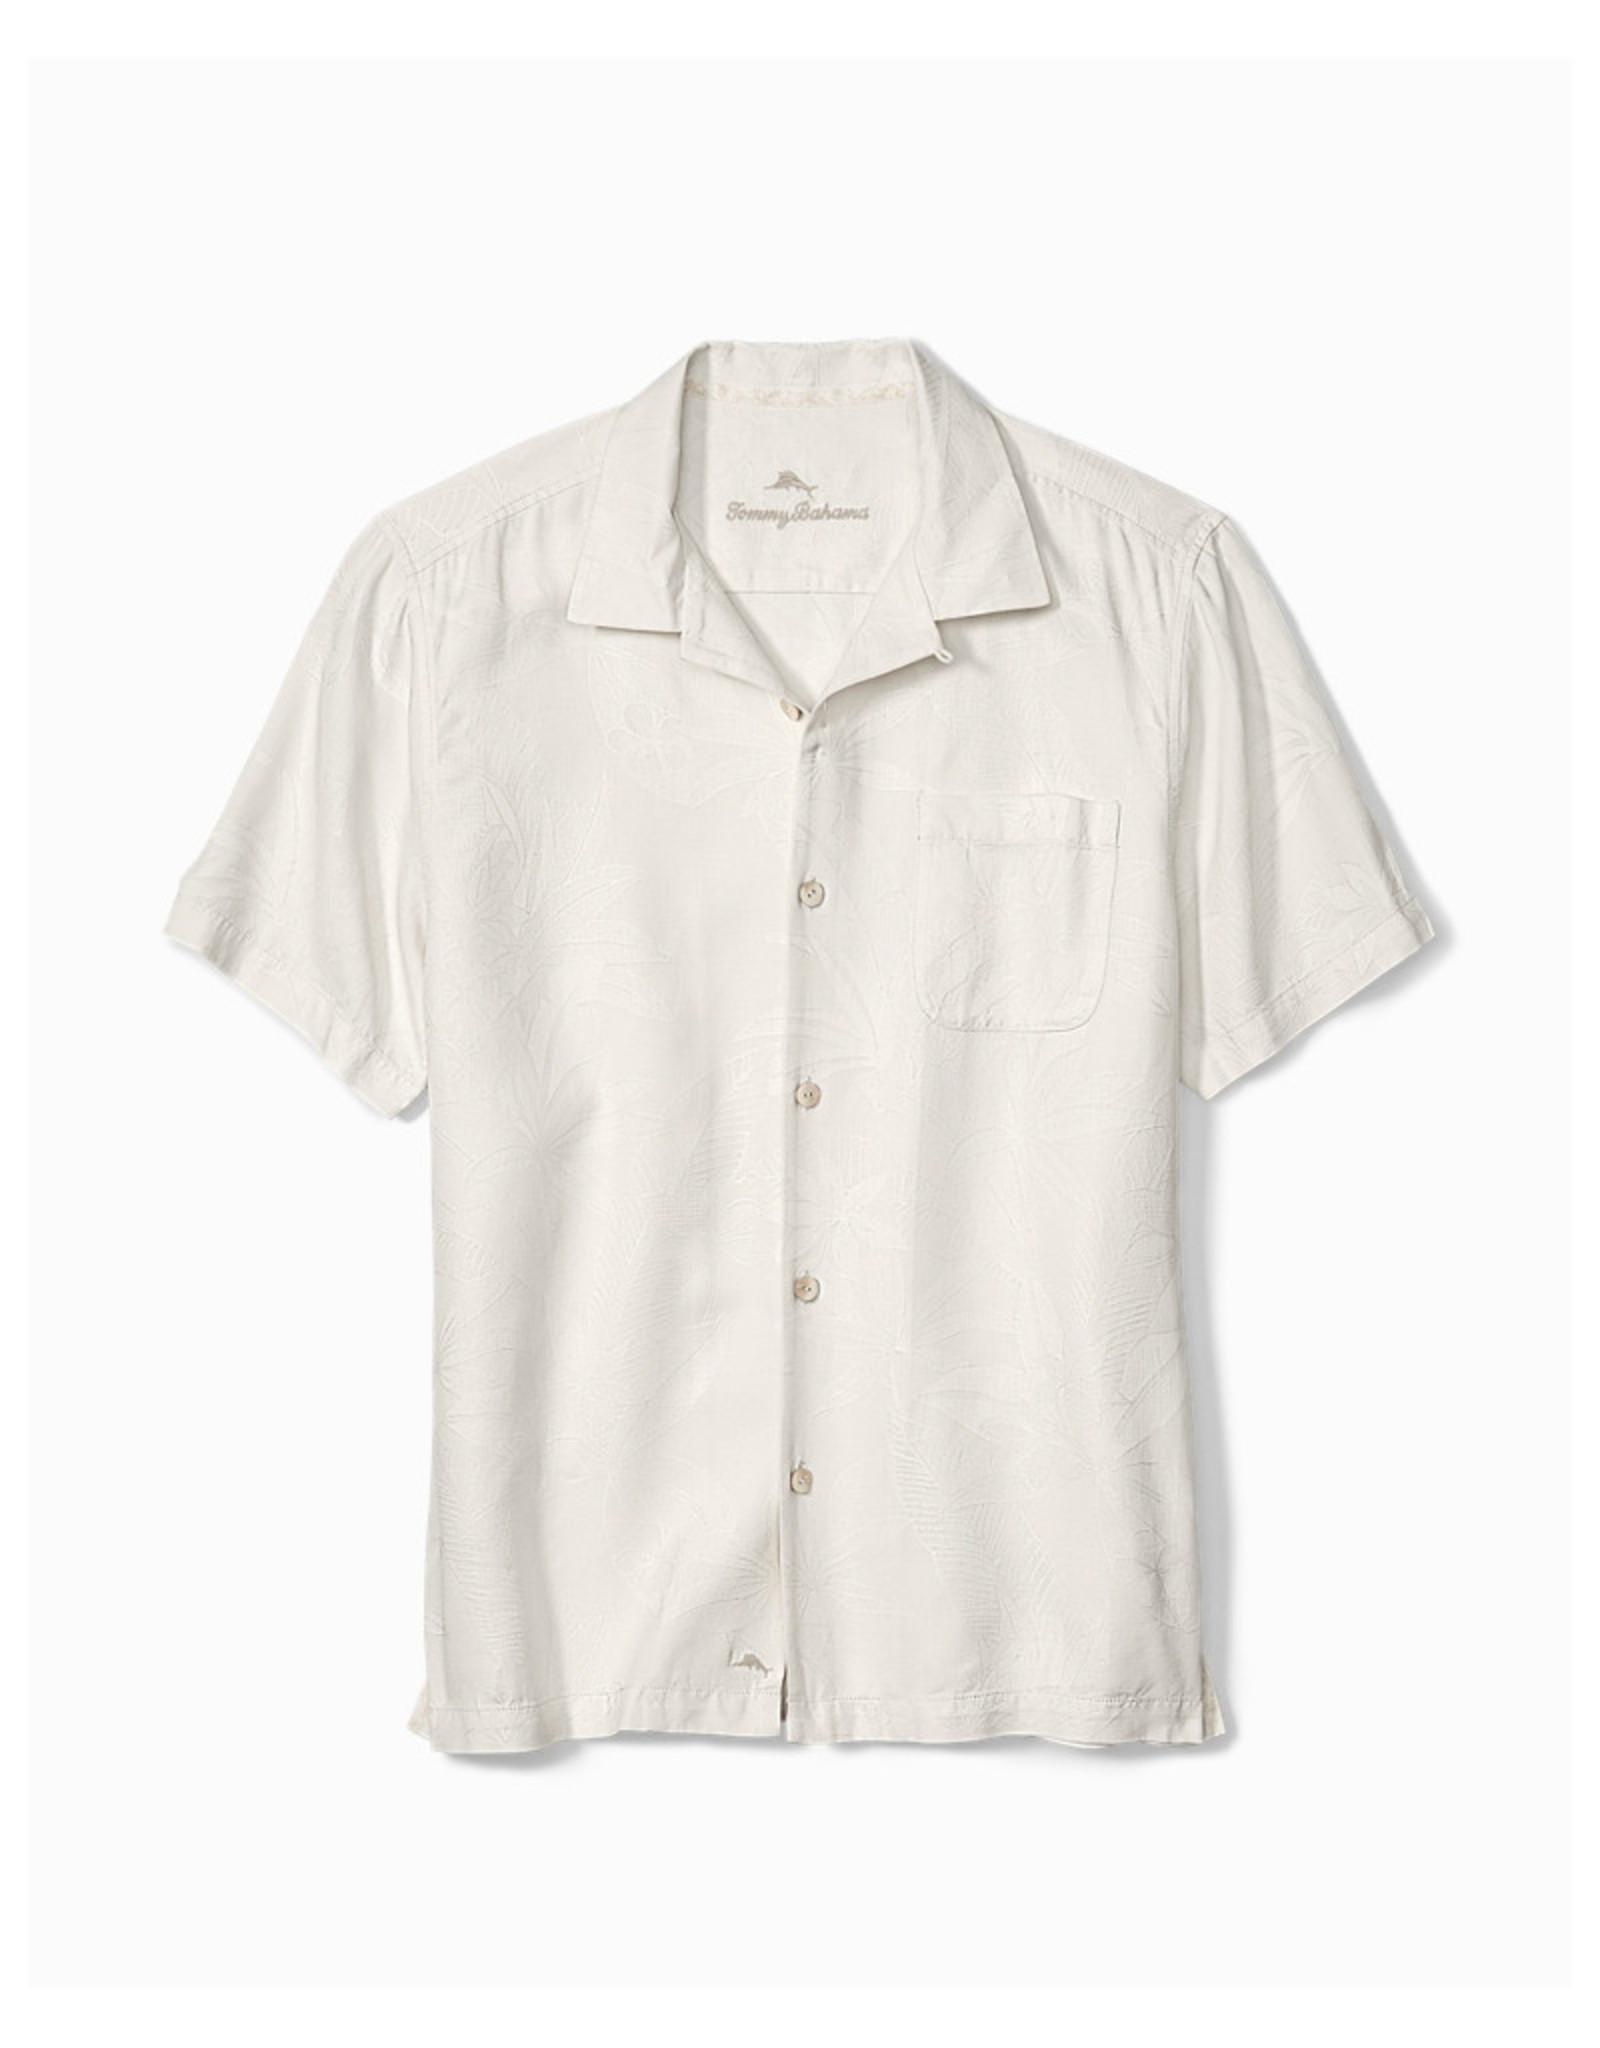 Tommy Bahama Tommy Bahama Al Fresco Silk Short Sleeve